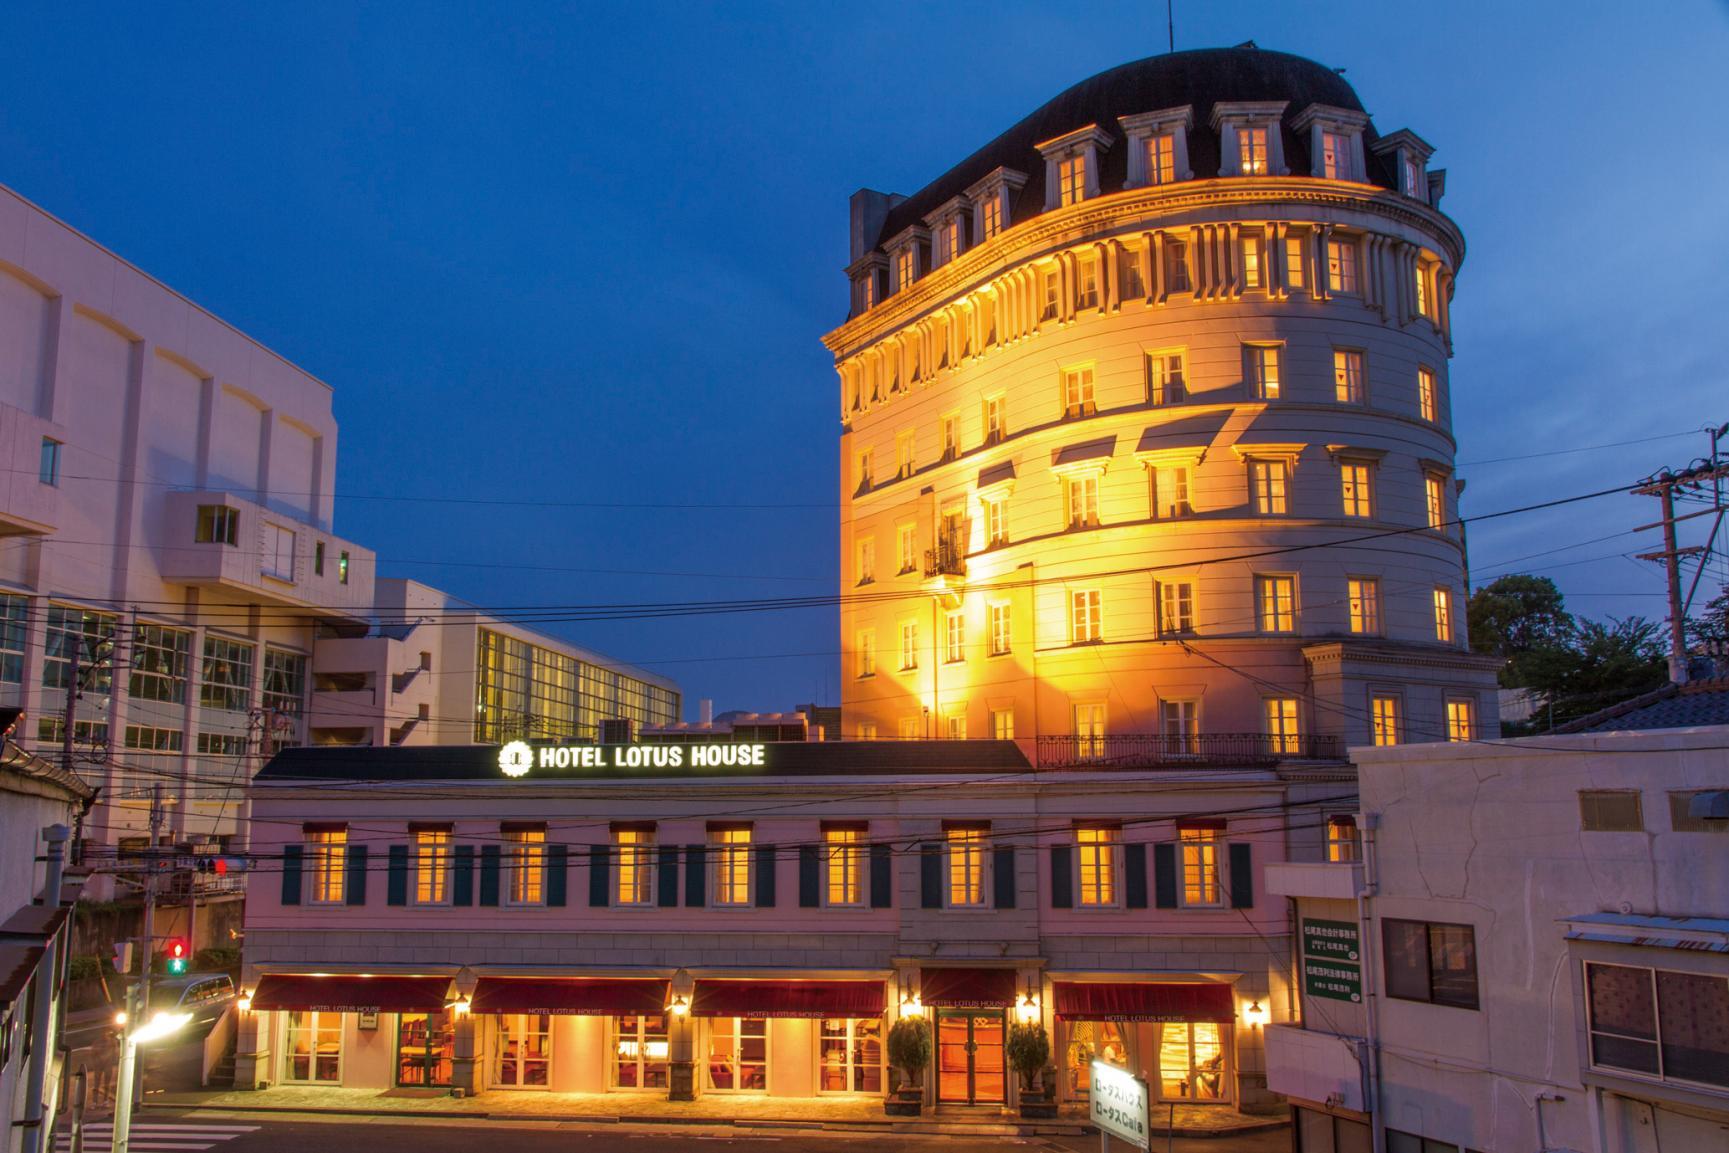 ホテルロータスハウス-1